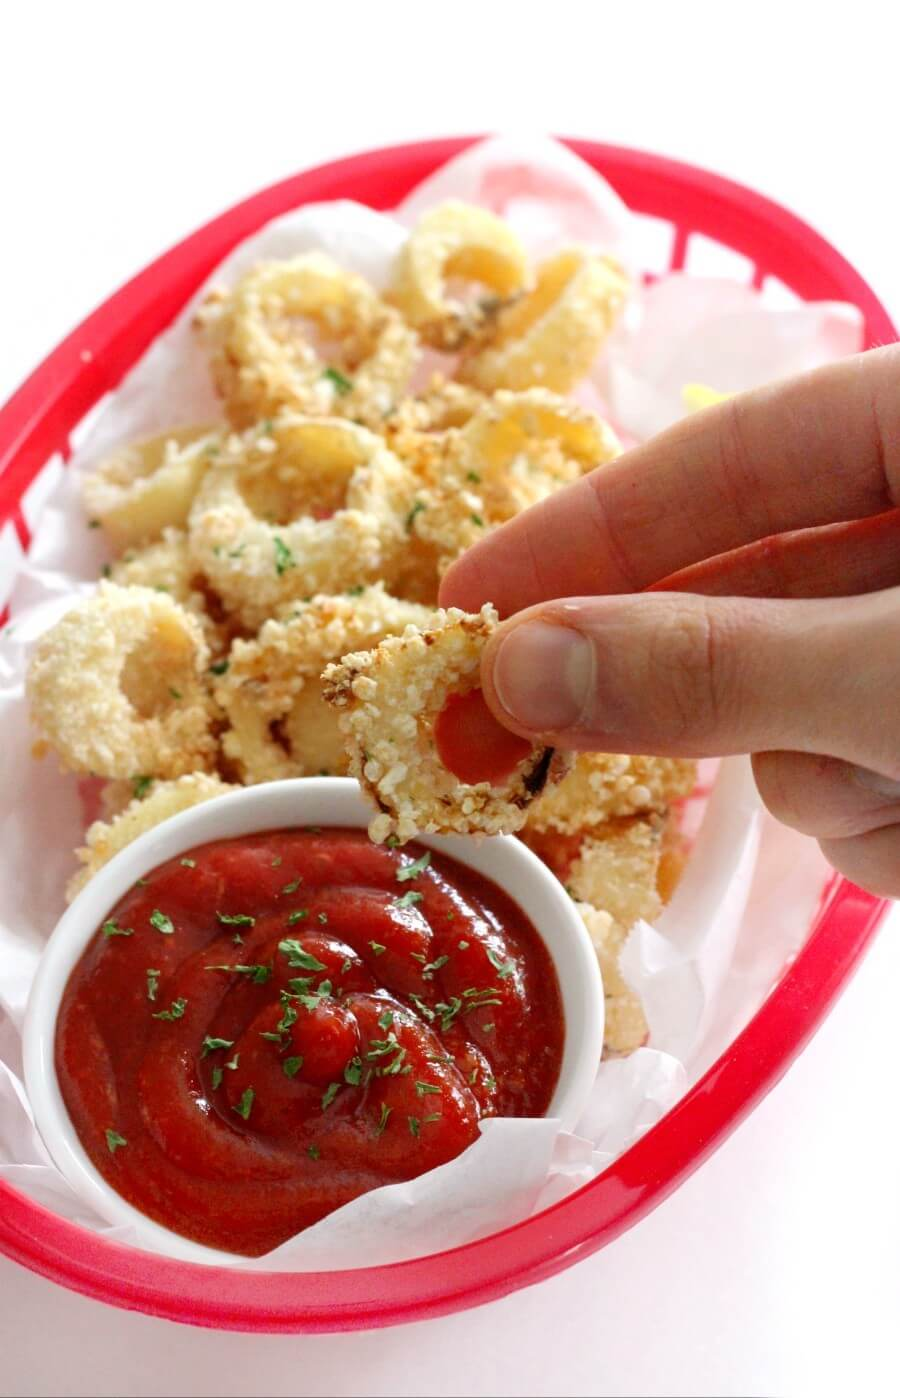 hand dipping a piece of vegan calamari in cocktail sauce